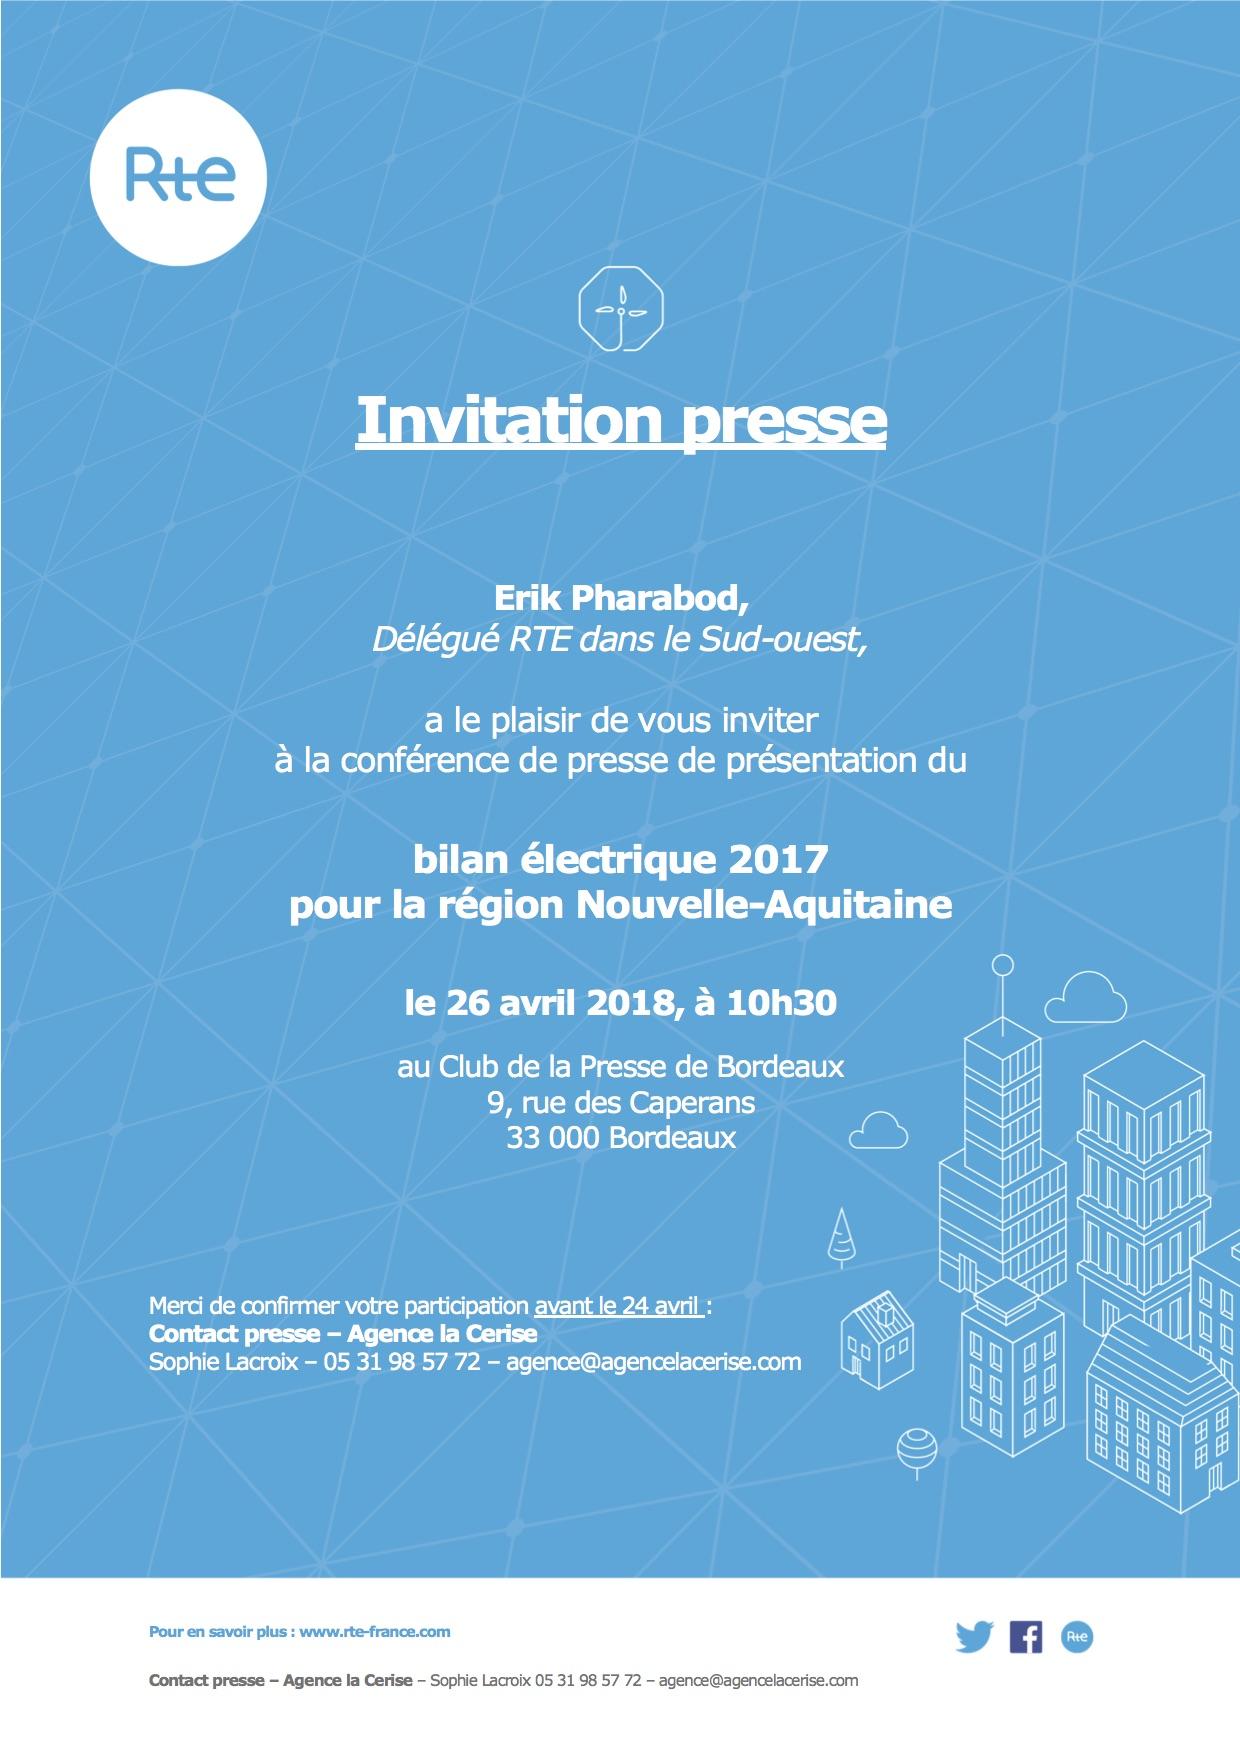 1804-invitation-presse-bilan-electrique-2017-na-rte